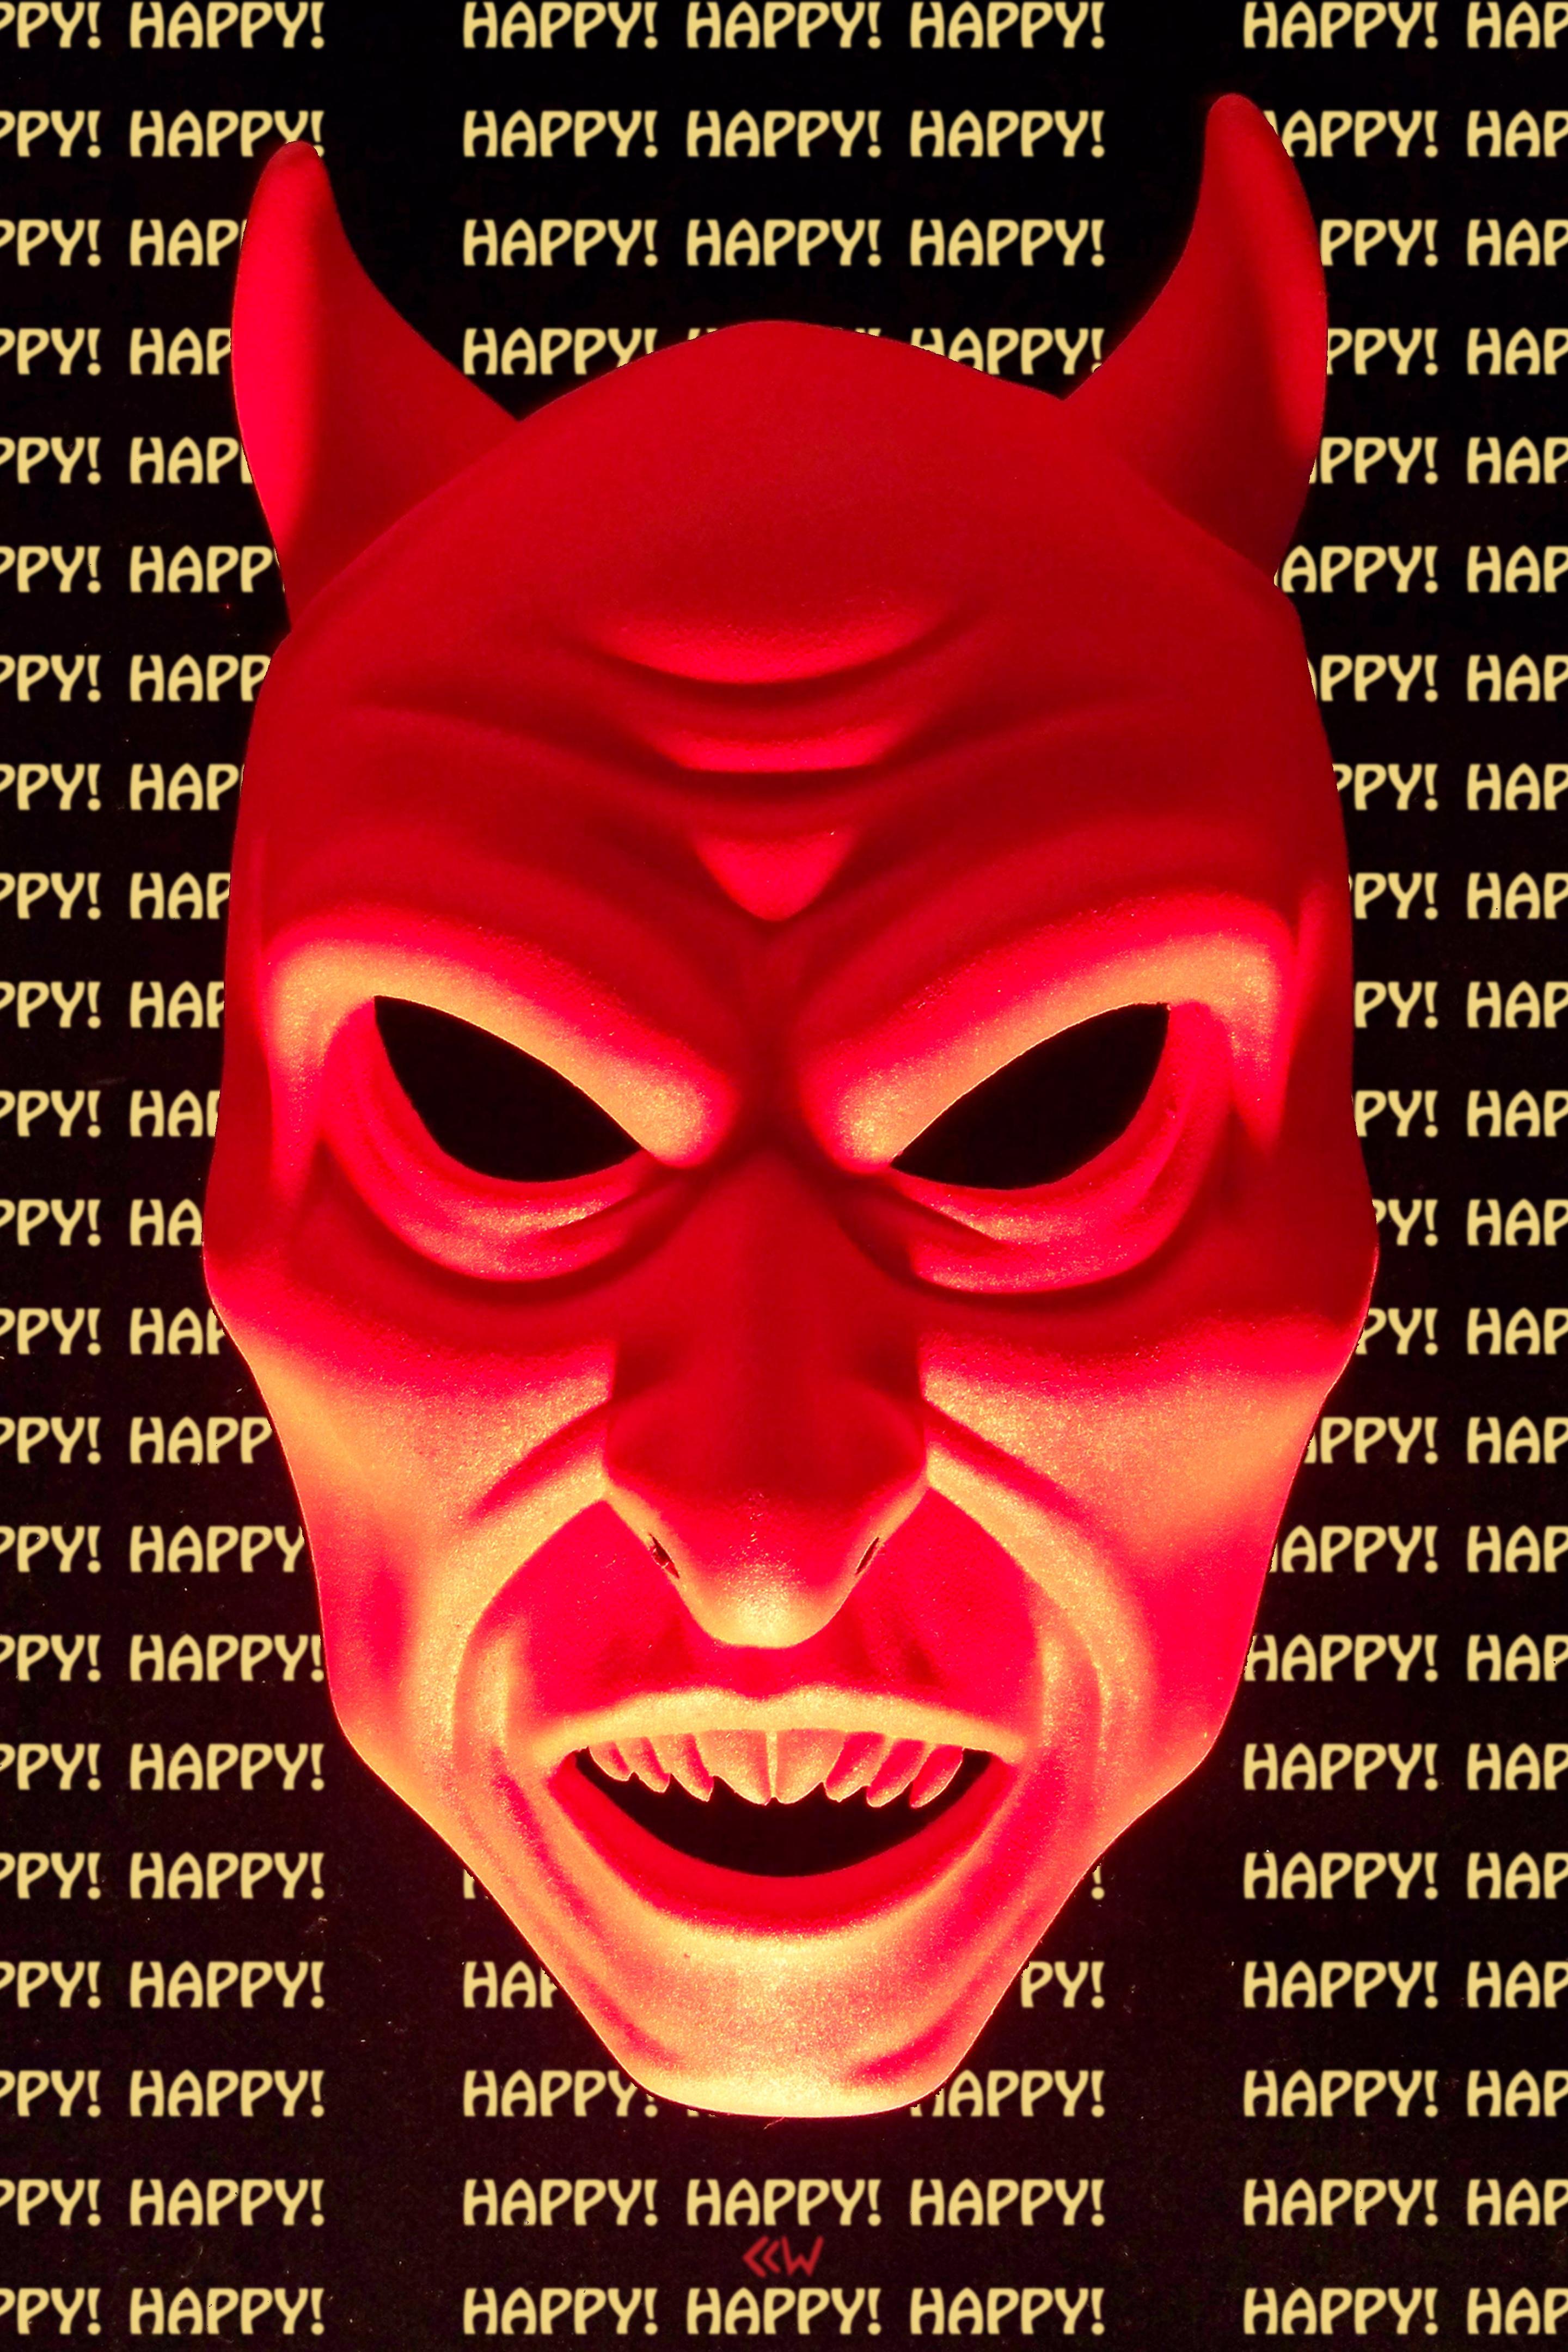 HAPPY! HAPPY! HAPPY! by Crigger